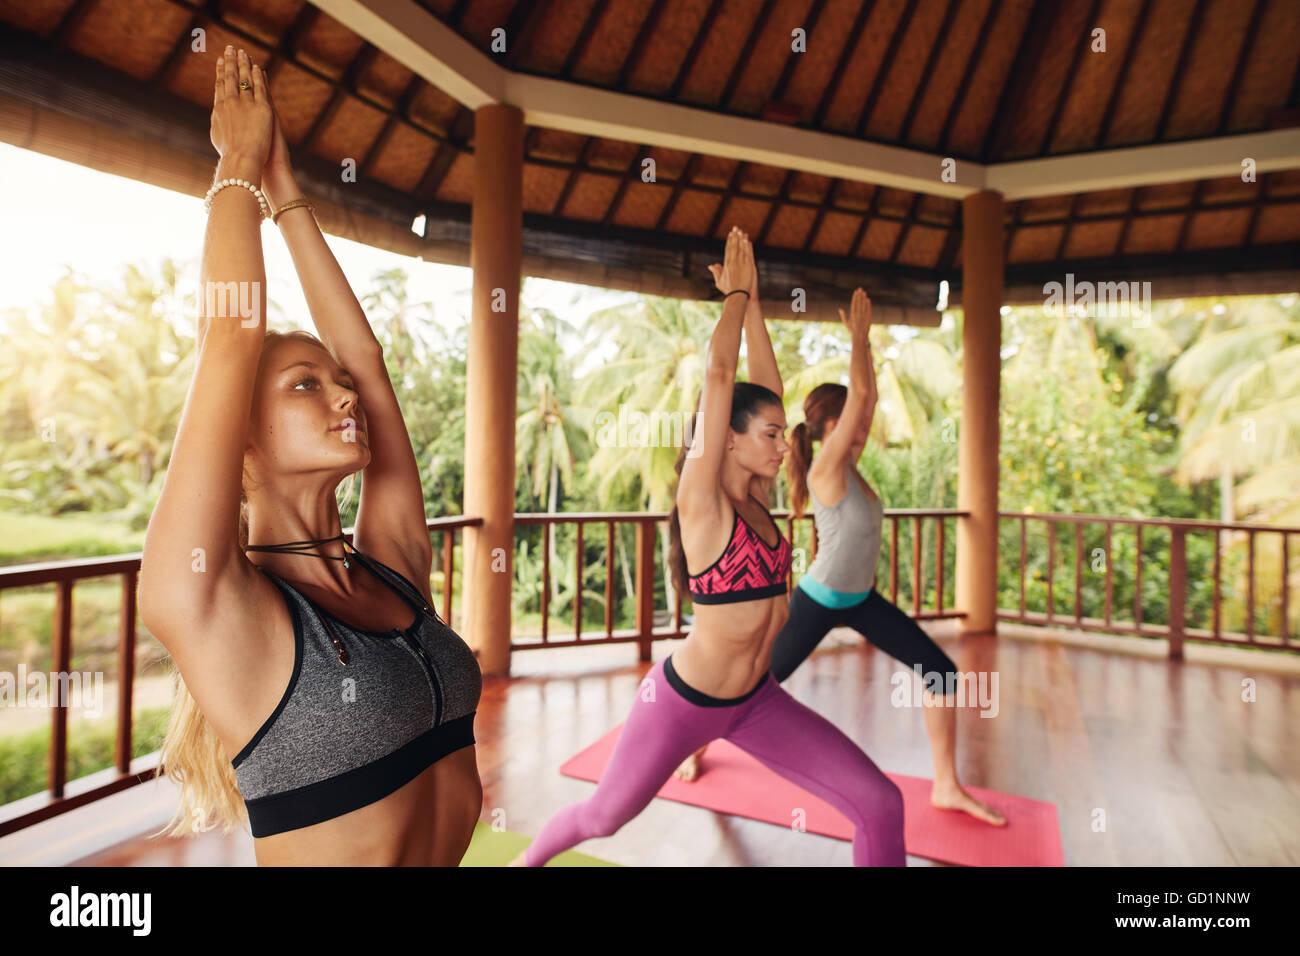 Foto de mujeres de pie con sus manos se unió a sobrecarga. Grupo de hembras jóvenes saludables ejercicios Imagen De Stock